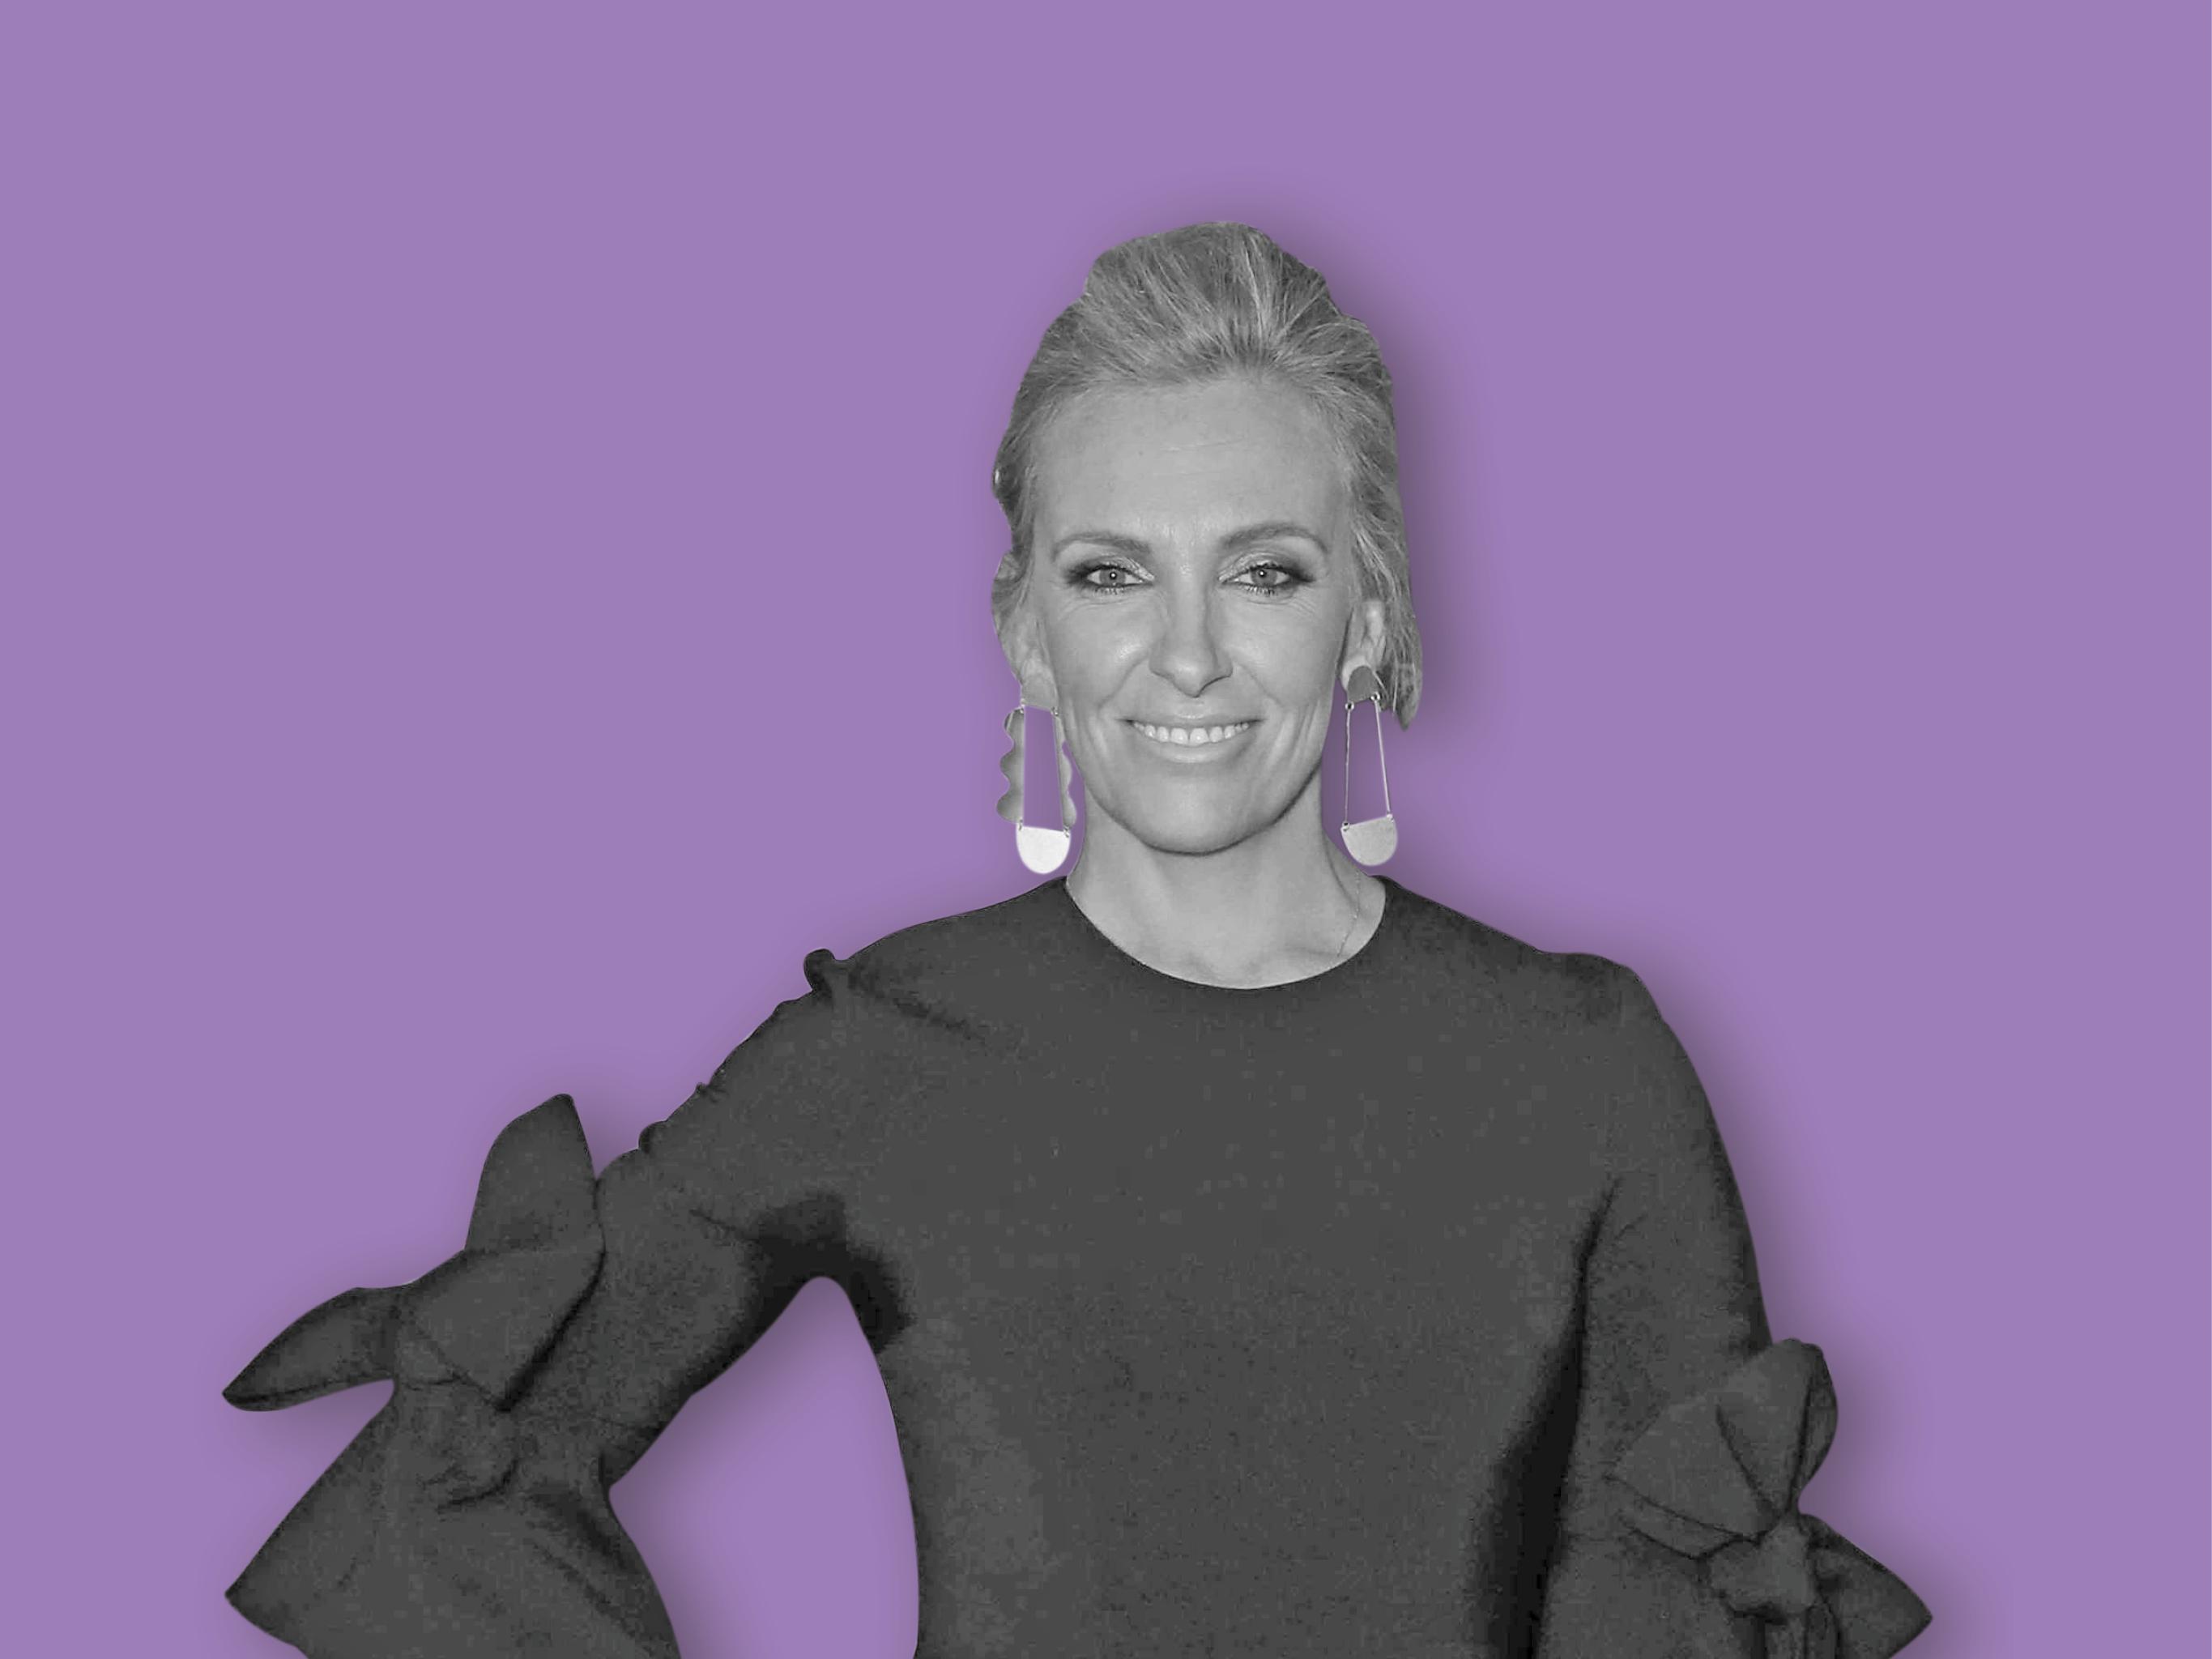 Entrevista con Toni Collette